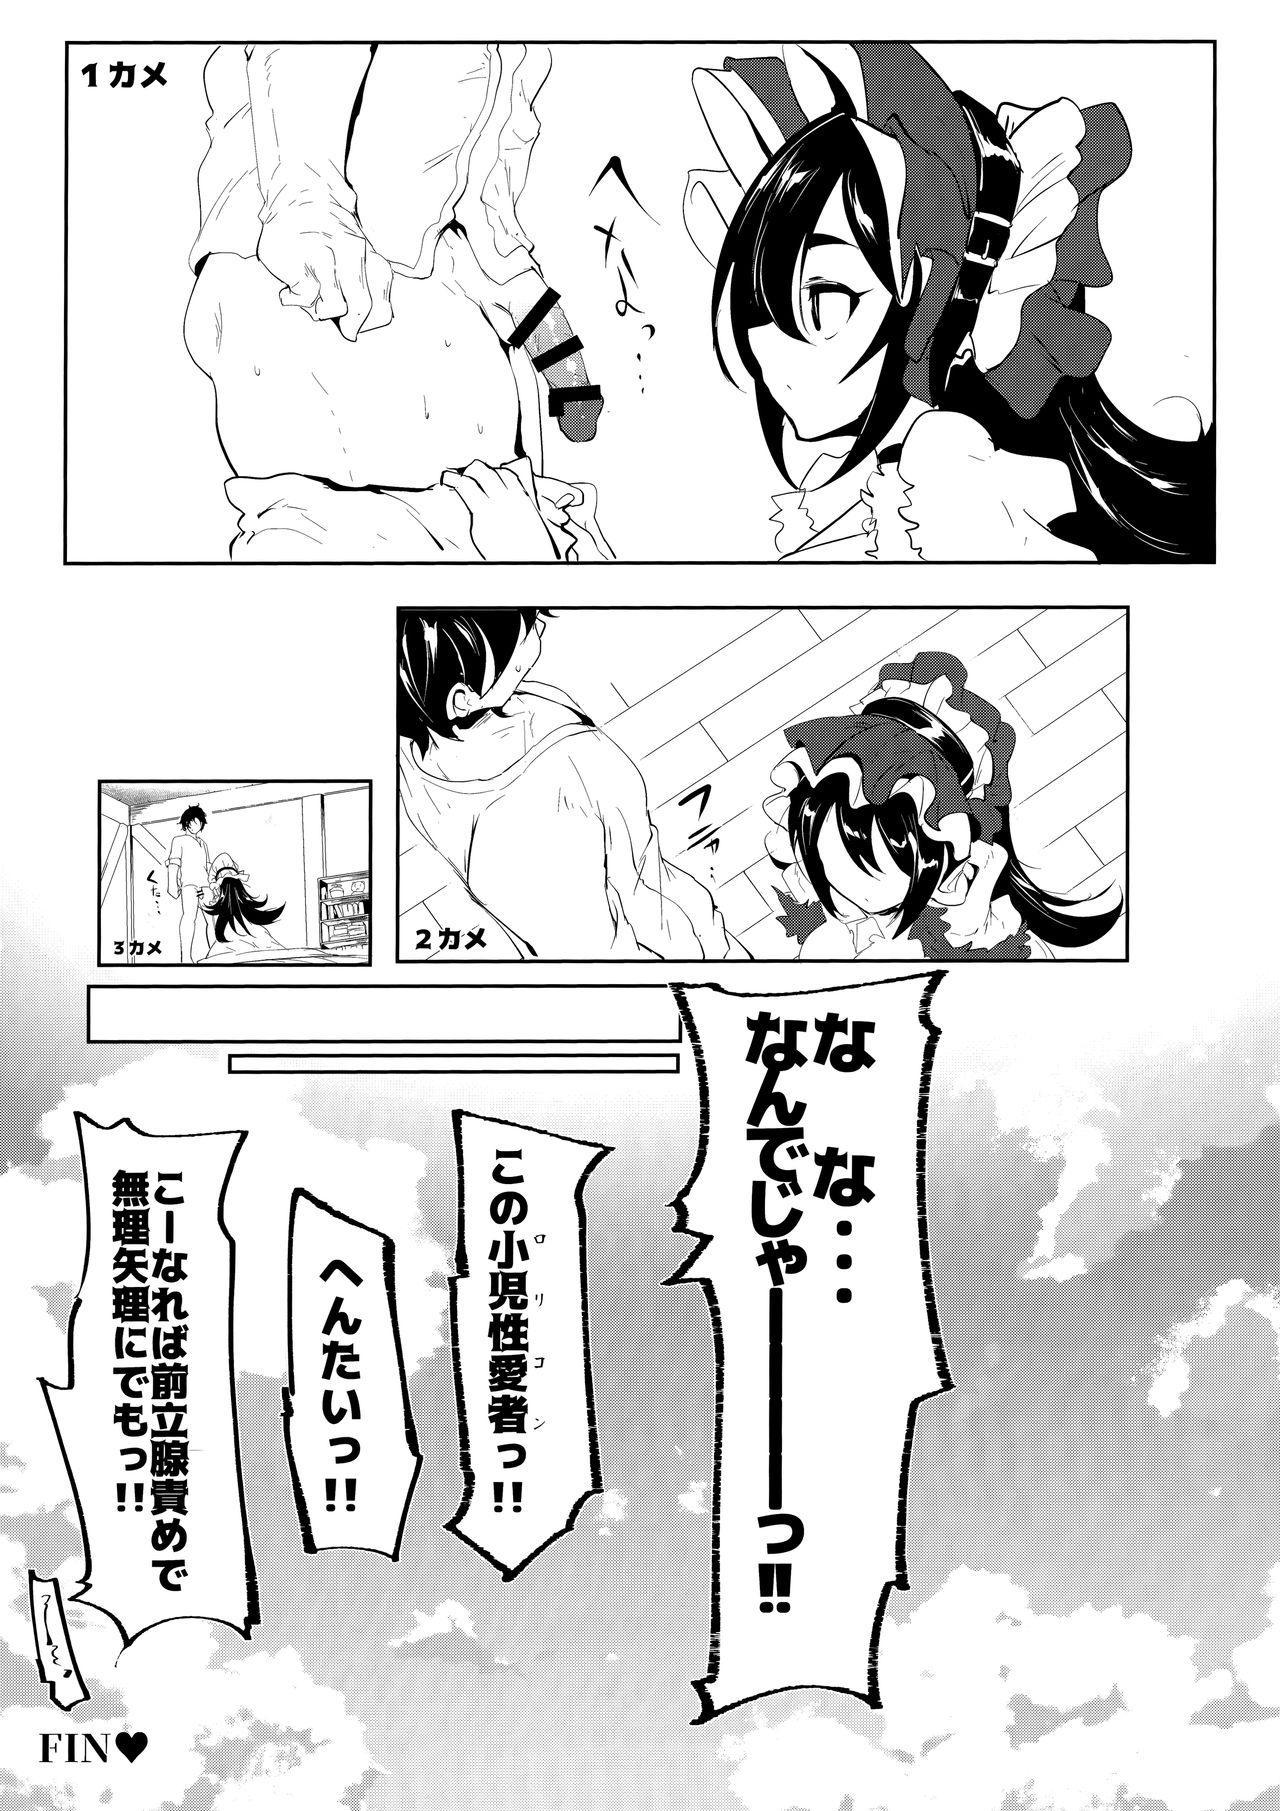 Kawaii Kawaii Ilya-sama 26